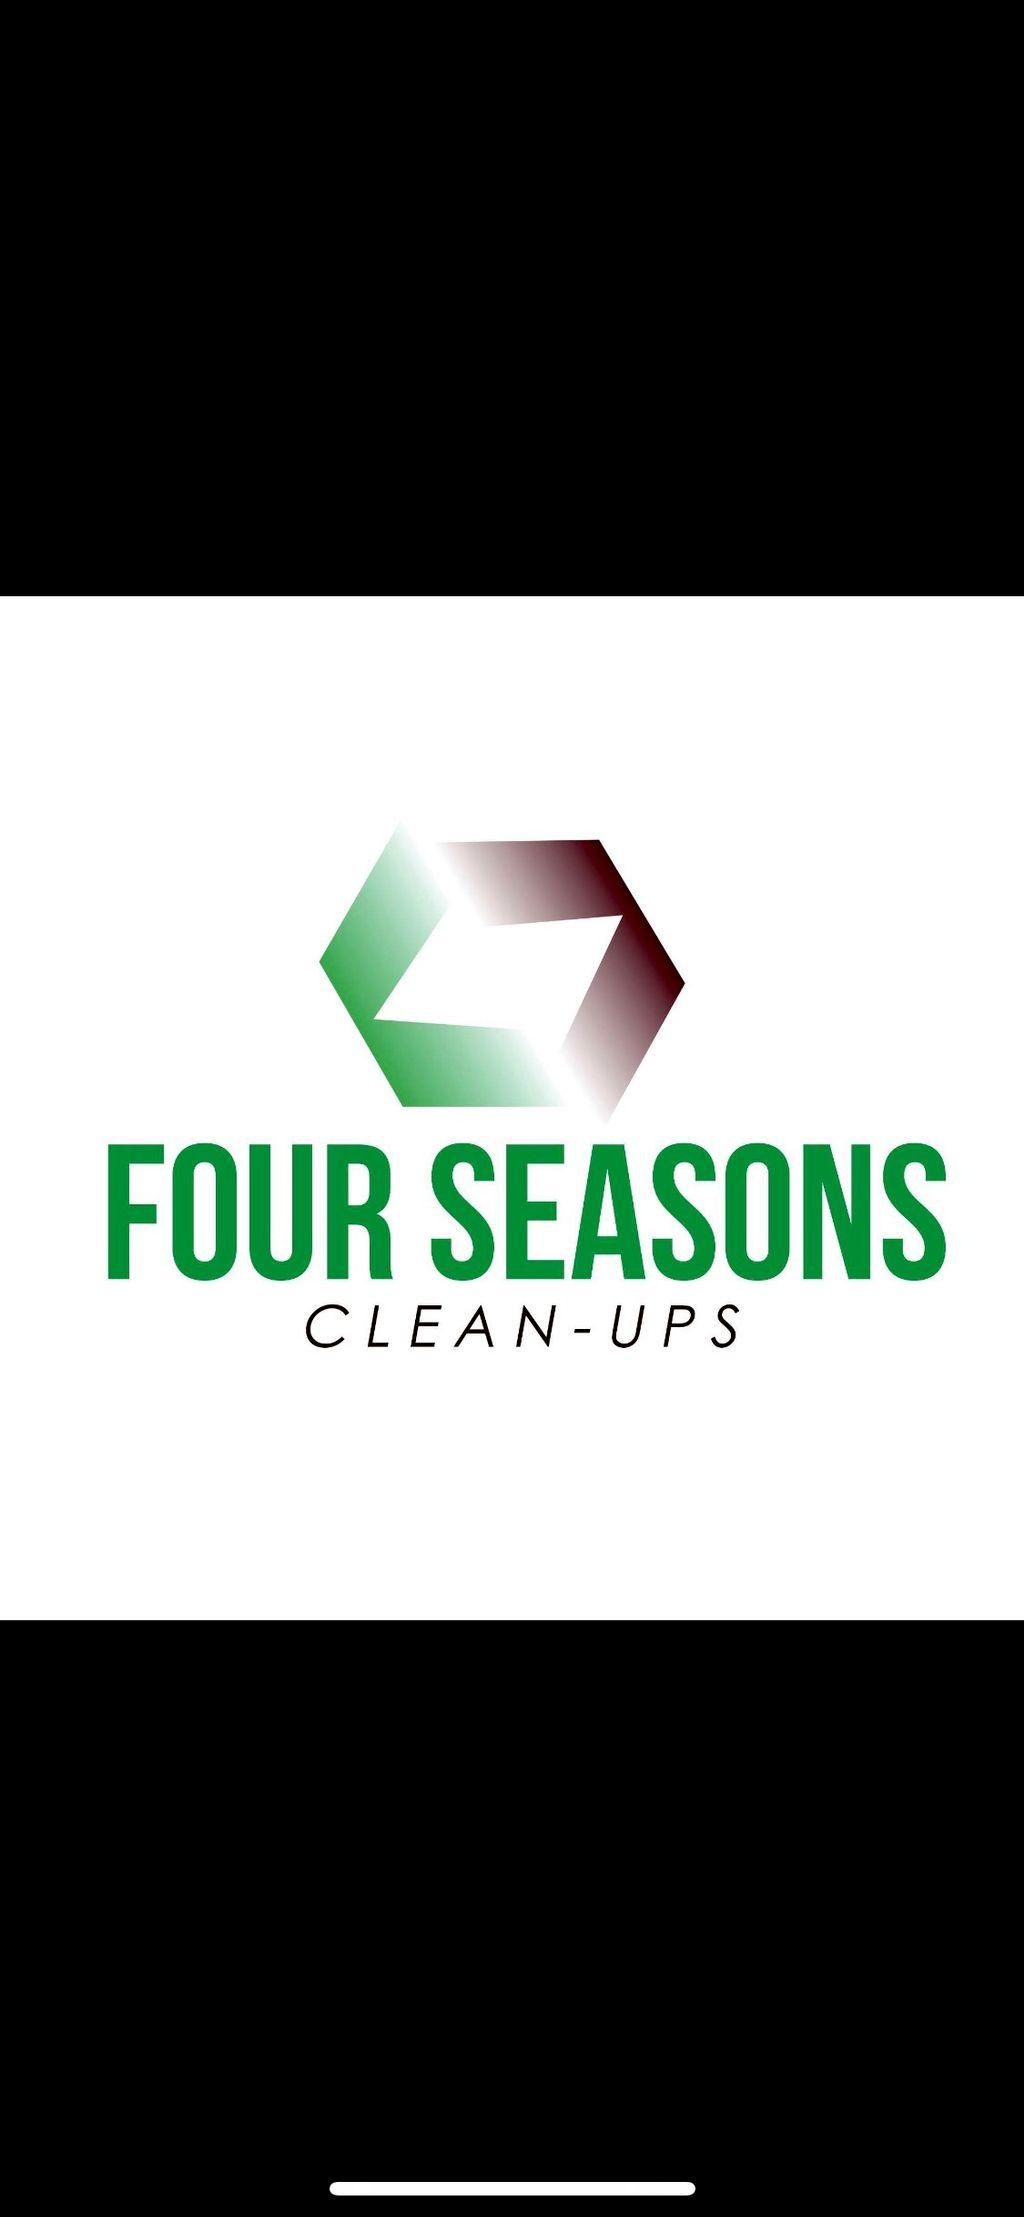 Four Season Clean Ups LLC     House Cleaning